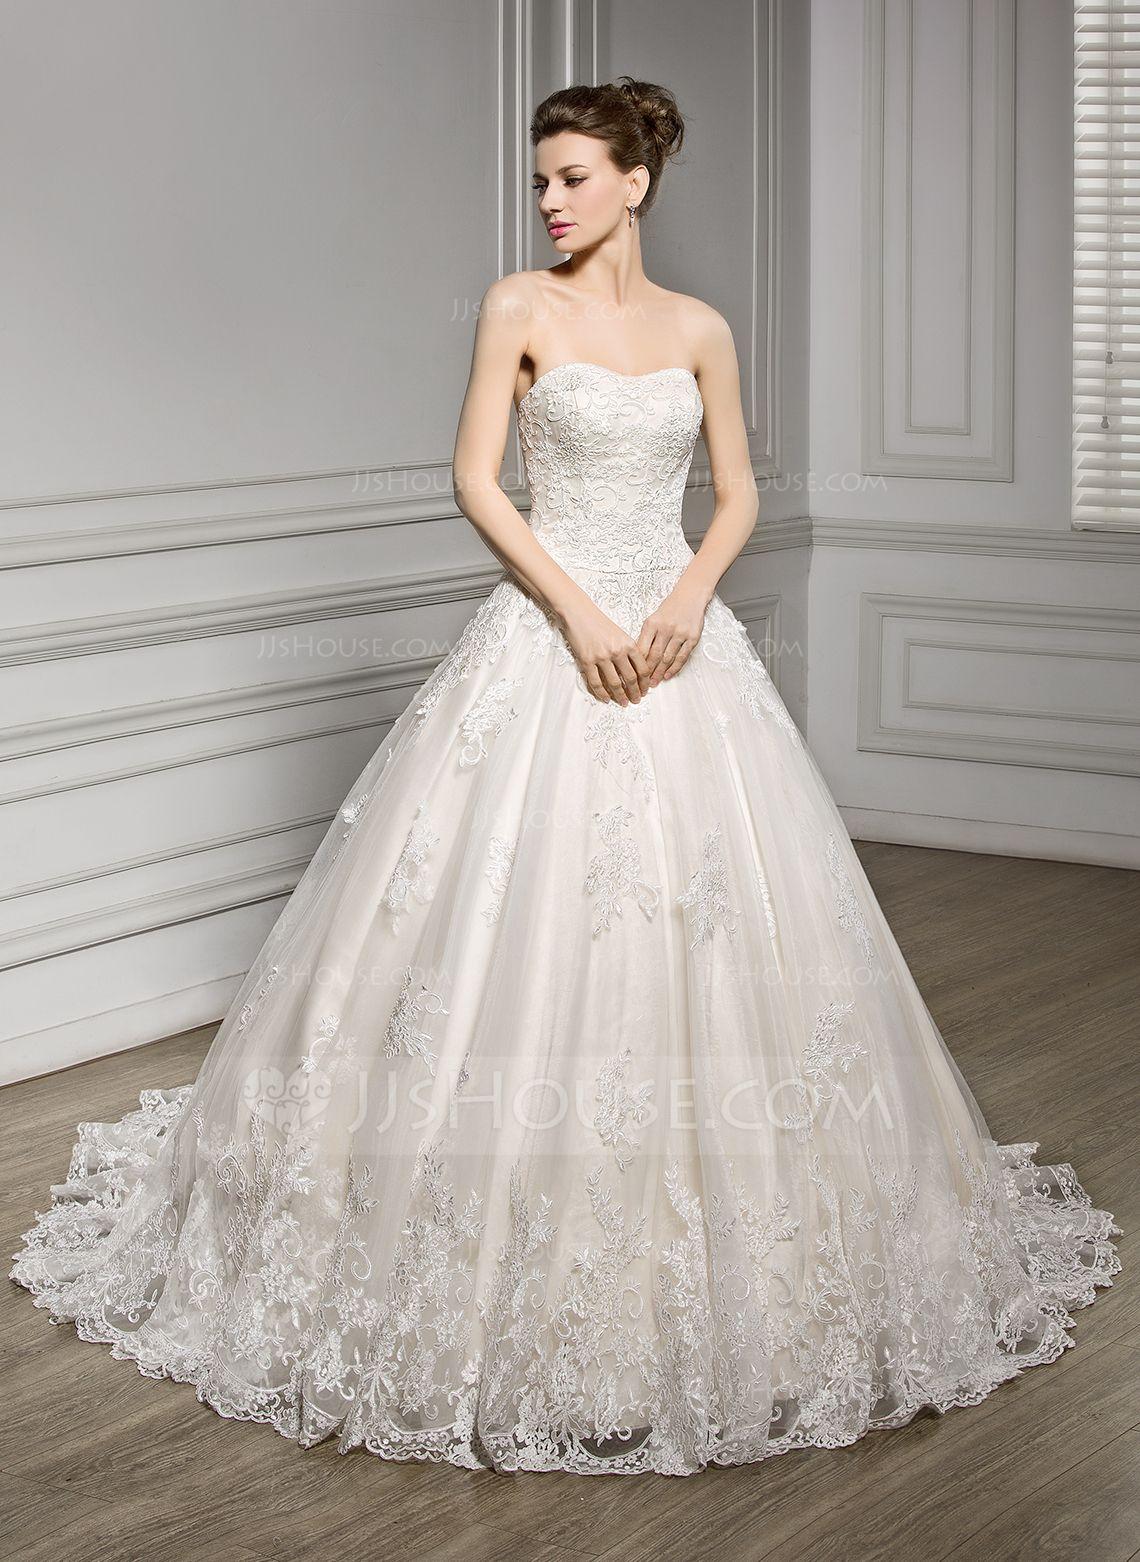 Groß Jjshouse Hochzeitskleider Fotos - Brautkleider Ideen ...